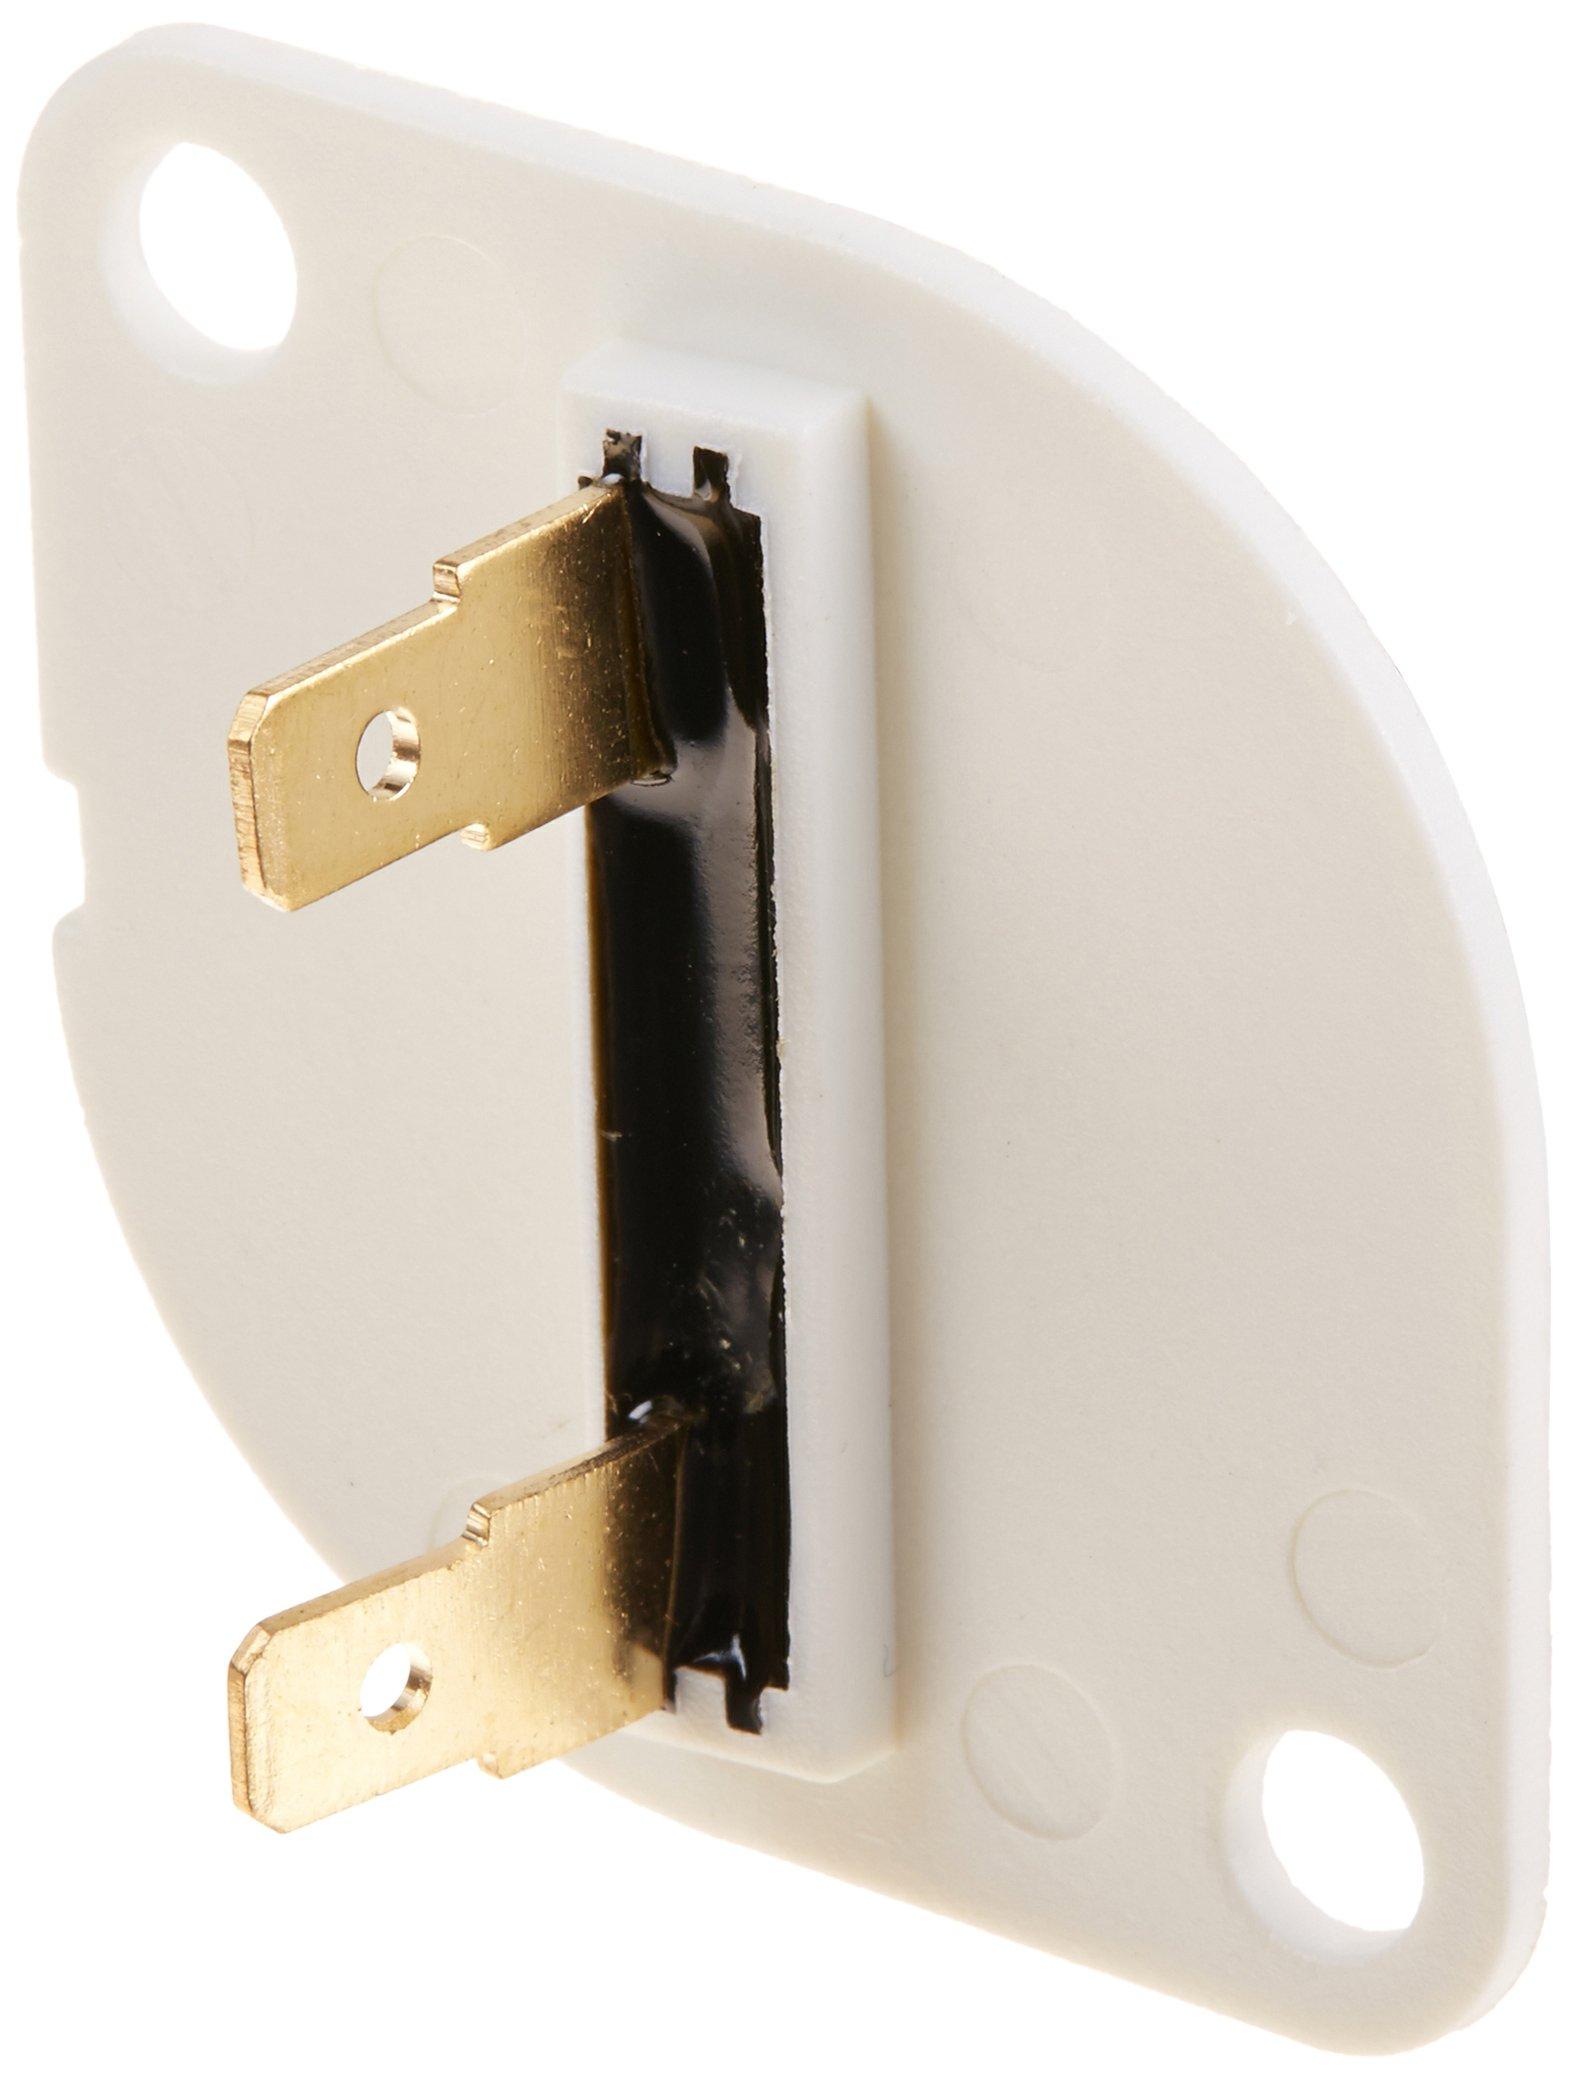 ERP ER3390719 Dryer Thermal Fuse